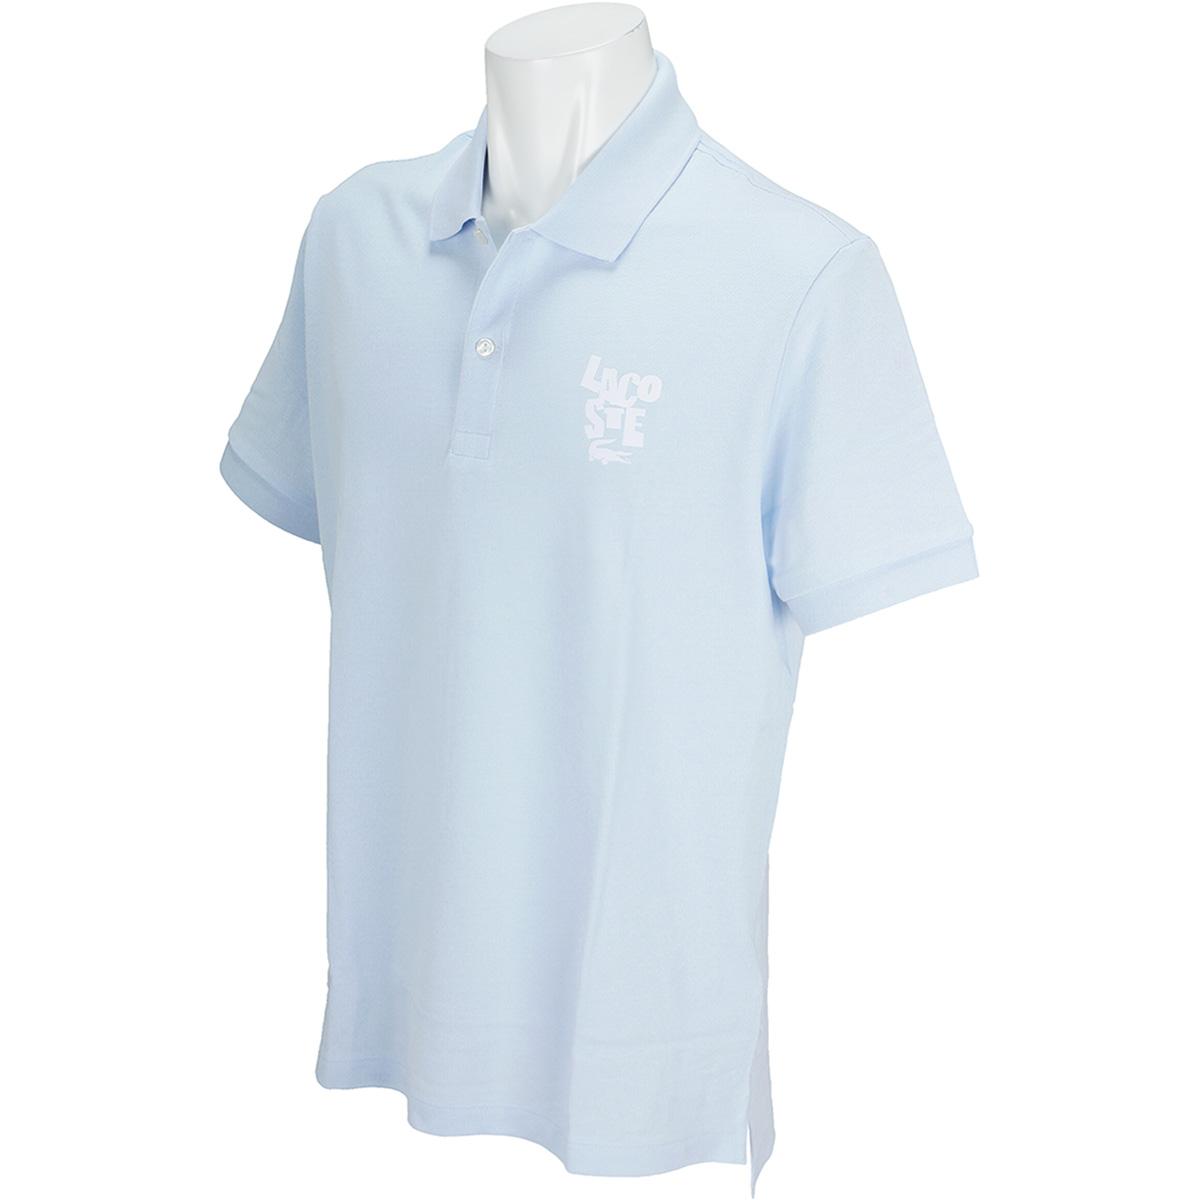 レギュラーフィット LACOSTEレタリング コットンプチピケ 半袖ポロシャツ